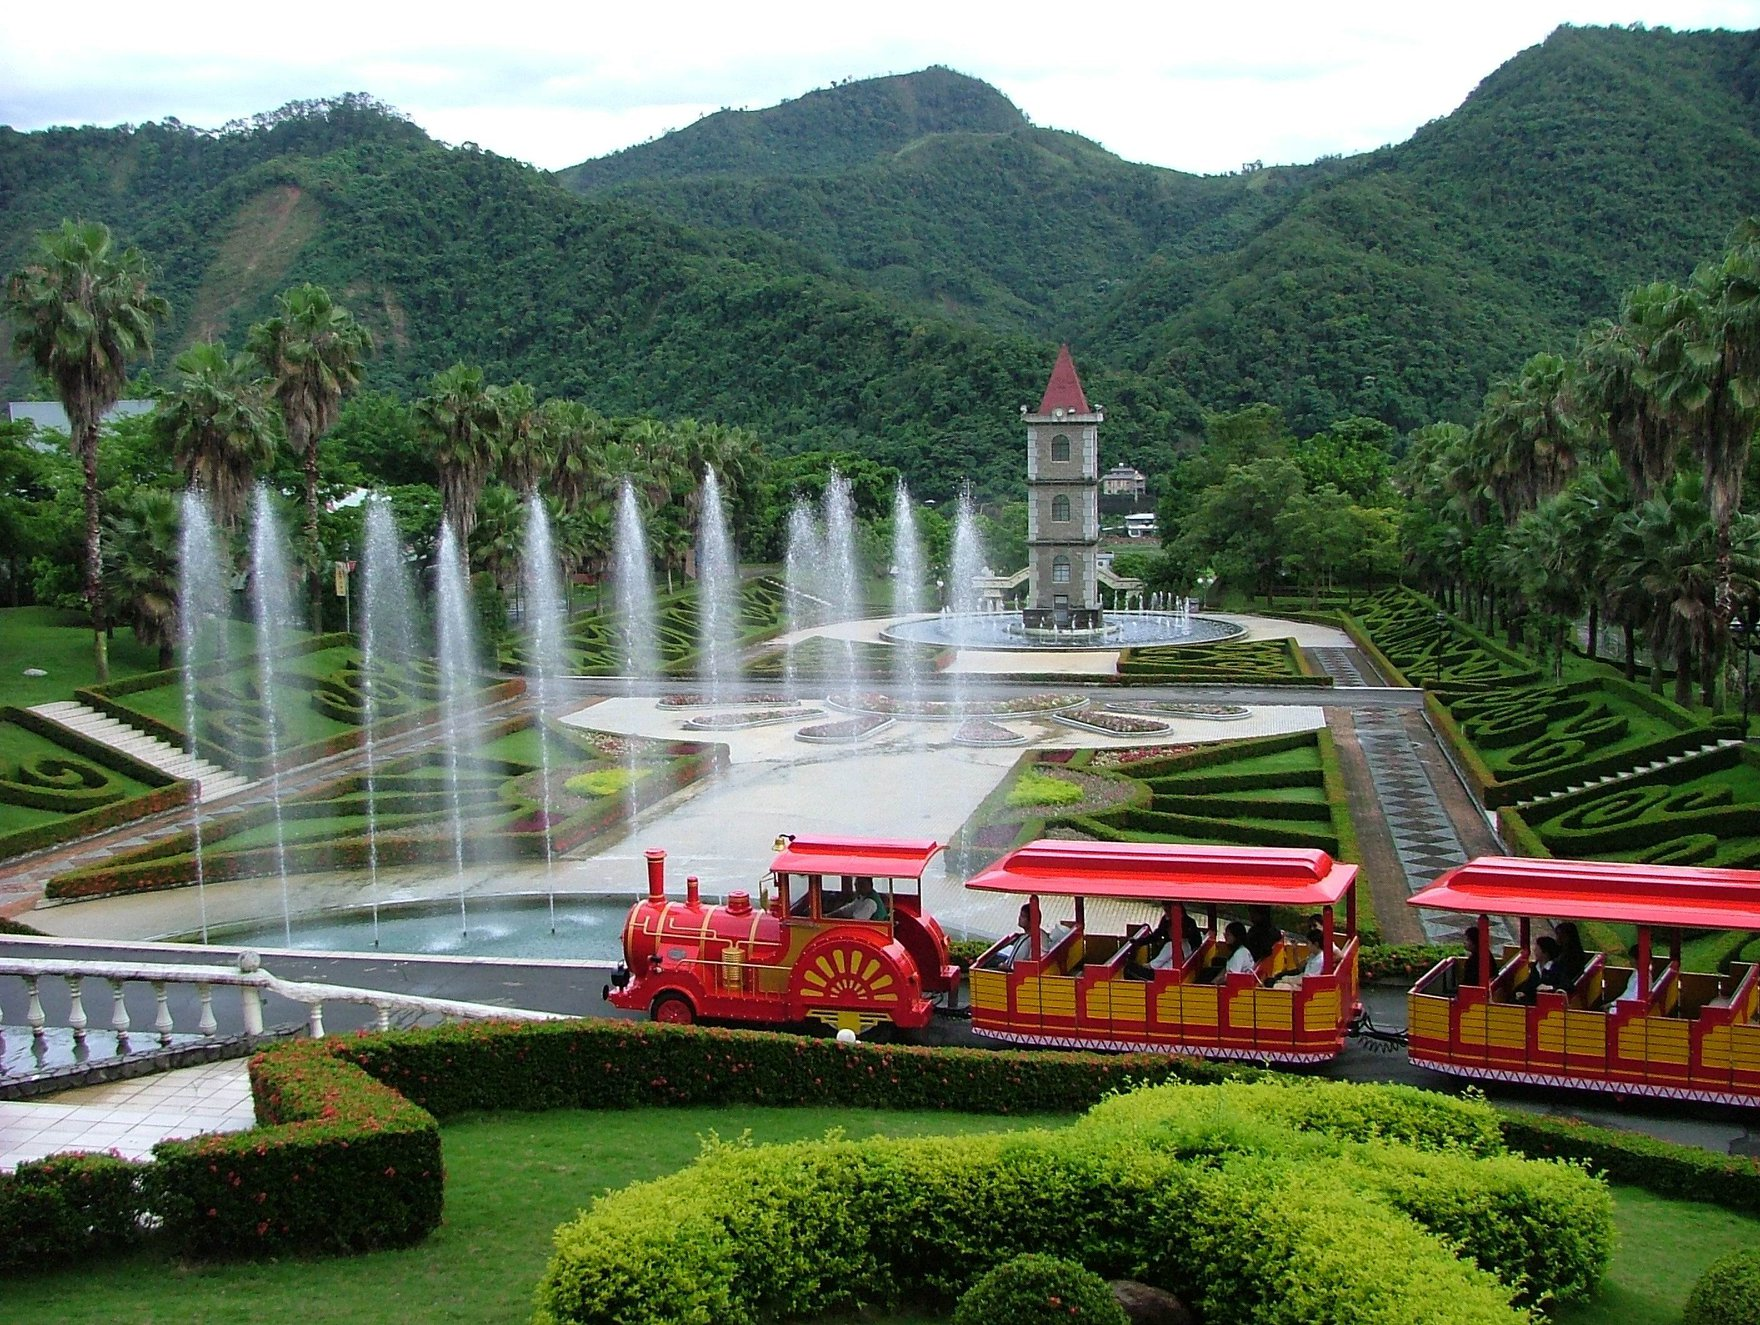 泰雅⽂化渡假村